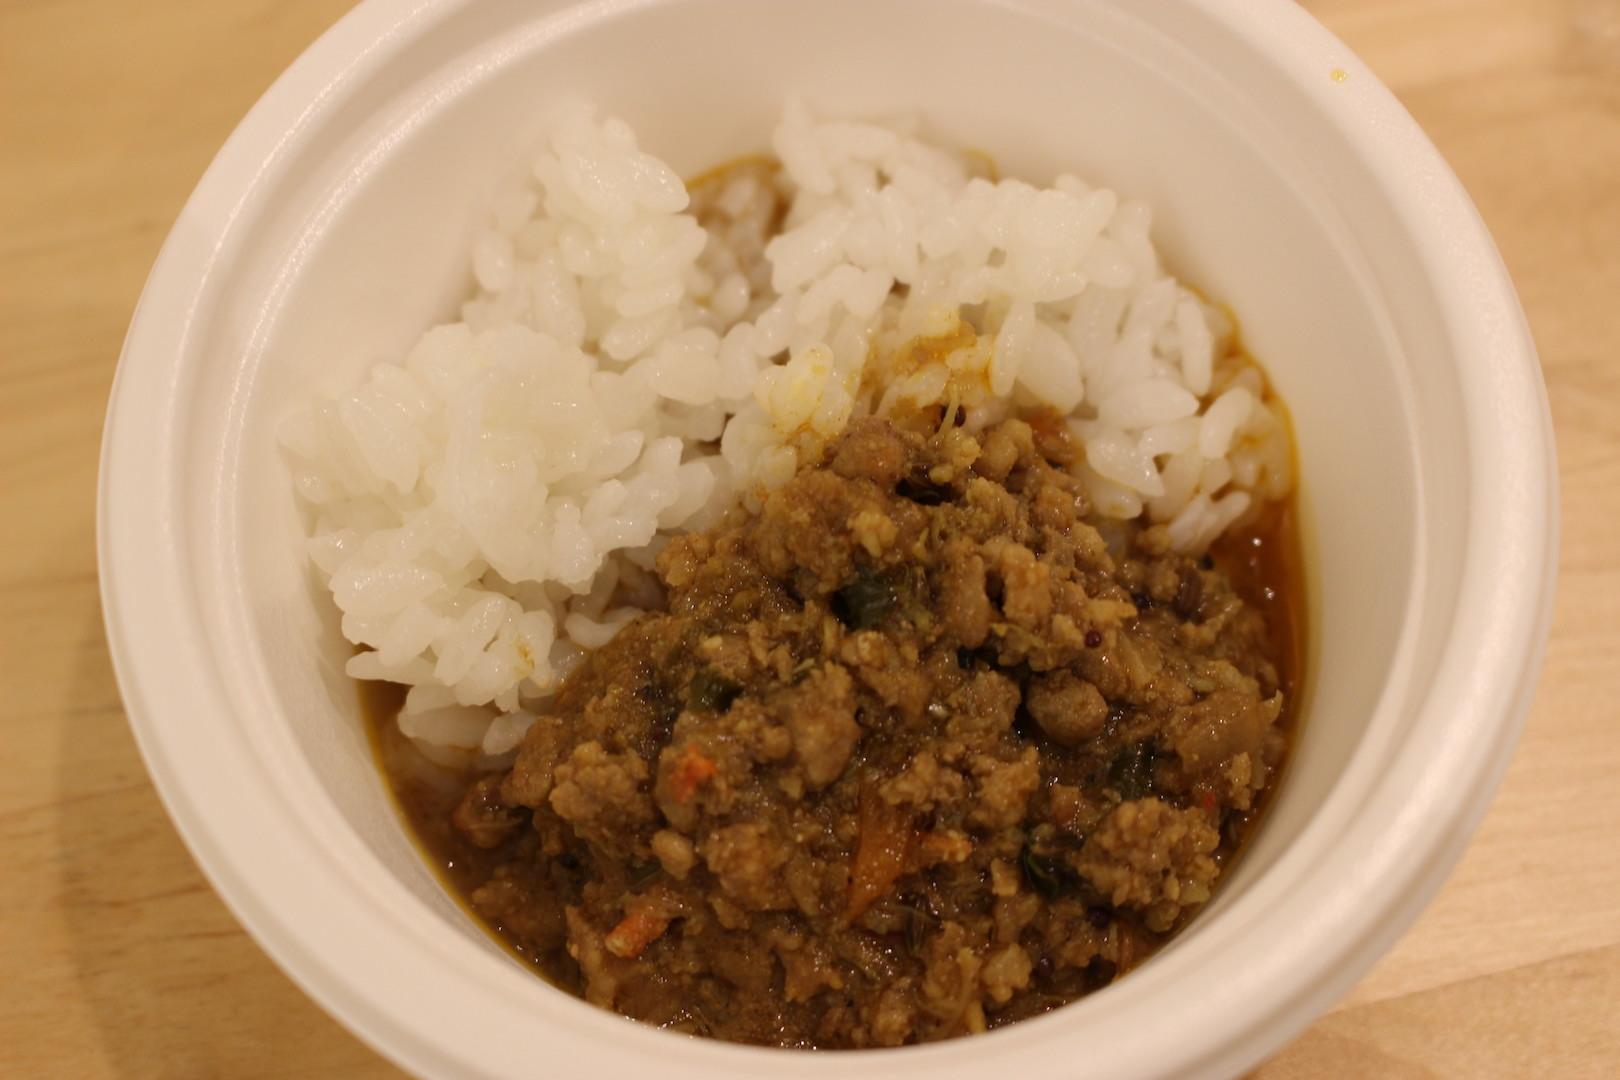 裏ポンバシ系スパイスカリー NOMSON CURRY「蟹の殼炊き出汁 ズワイガニのキーマ(カニのガラだきだし)」